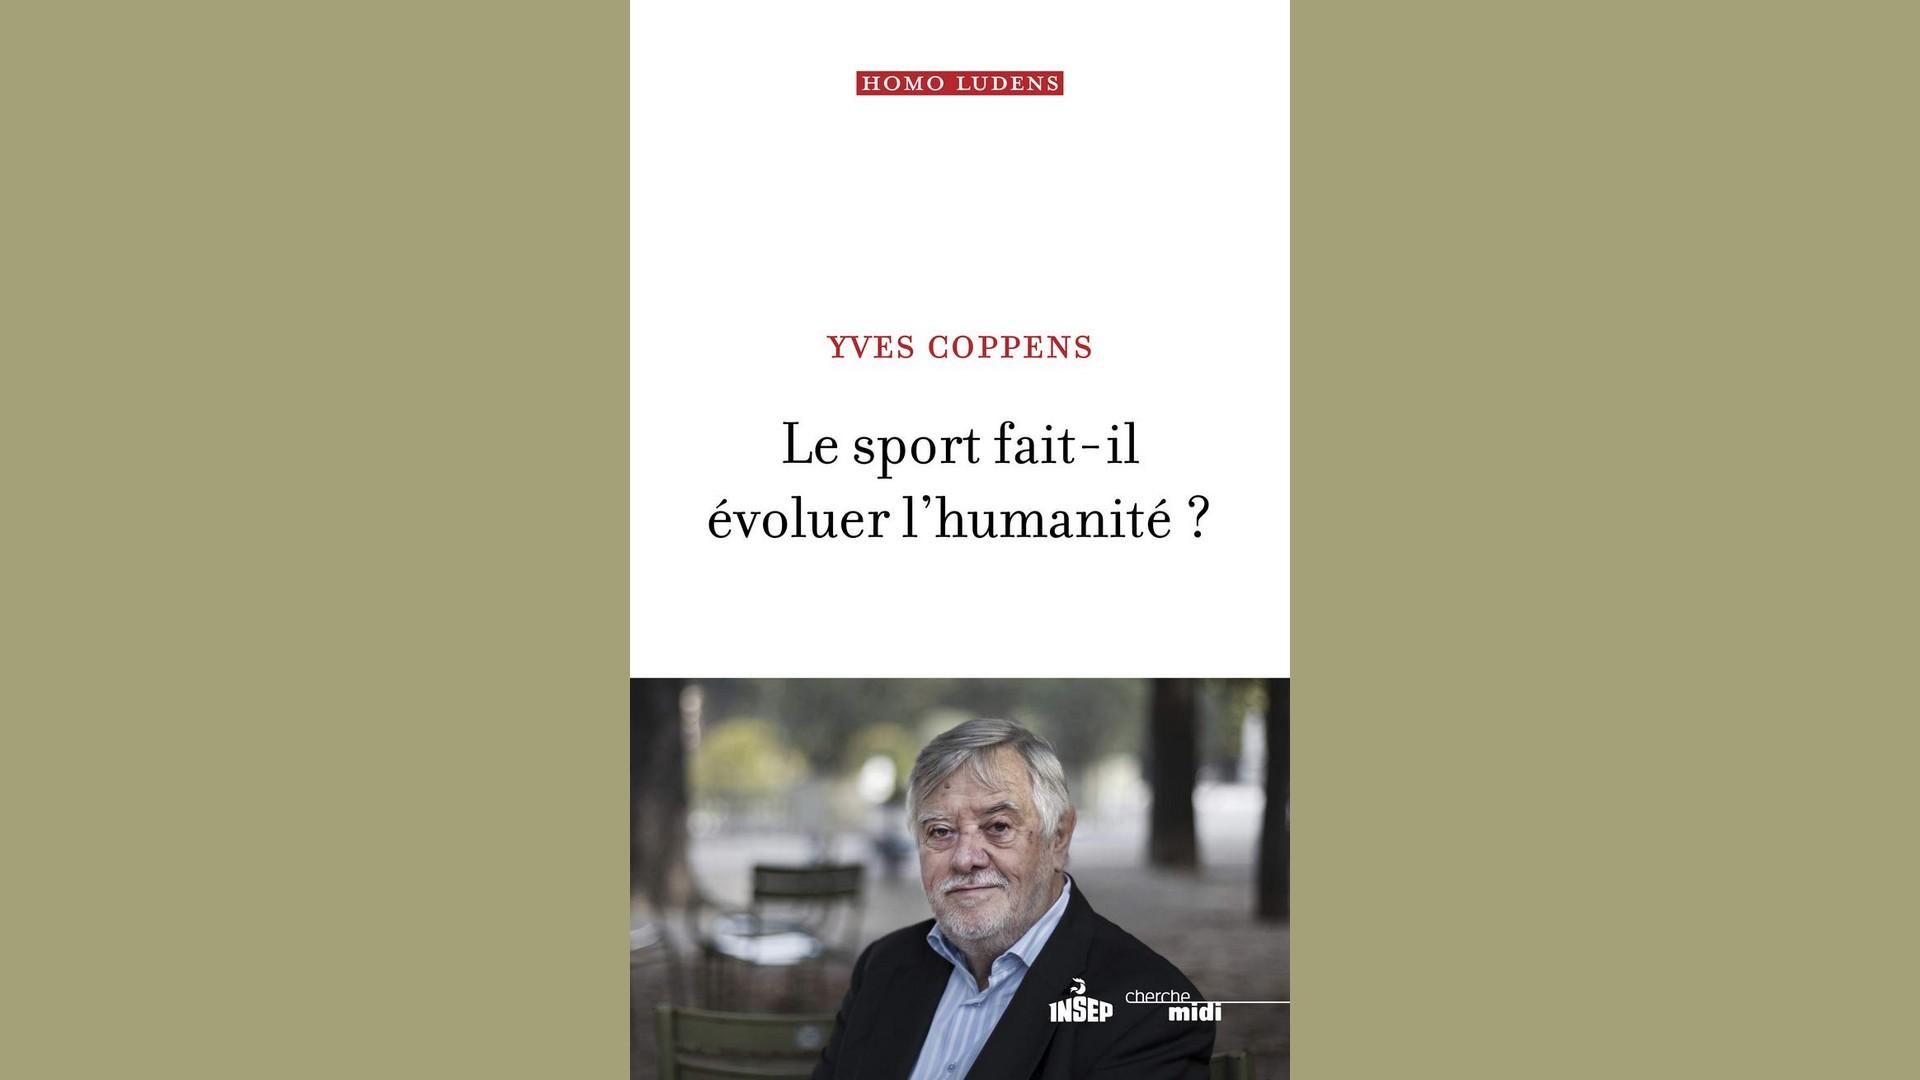 Livres – Le sport fait-il évoluer l'humanité – Yves Coppens